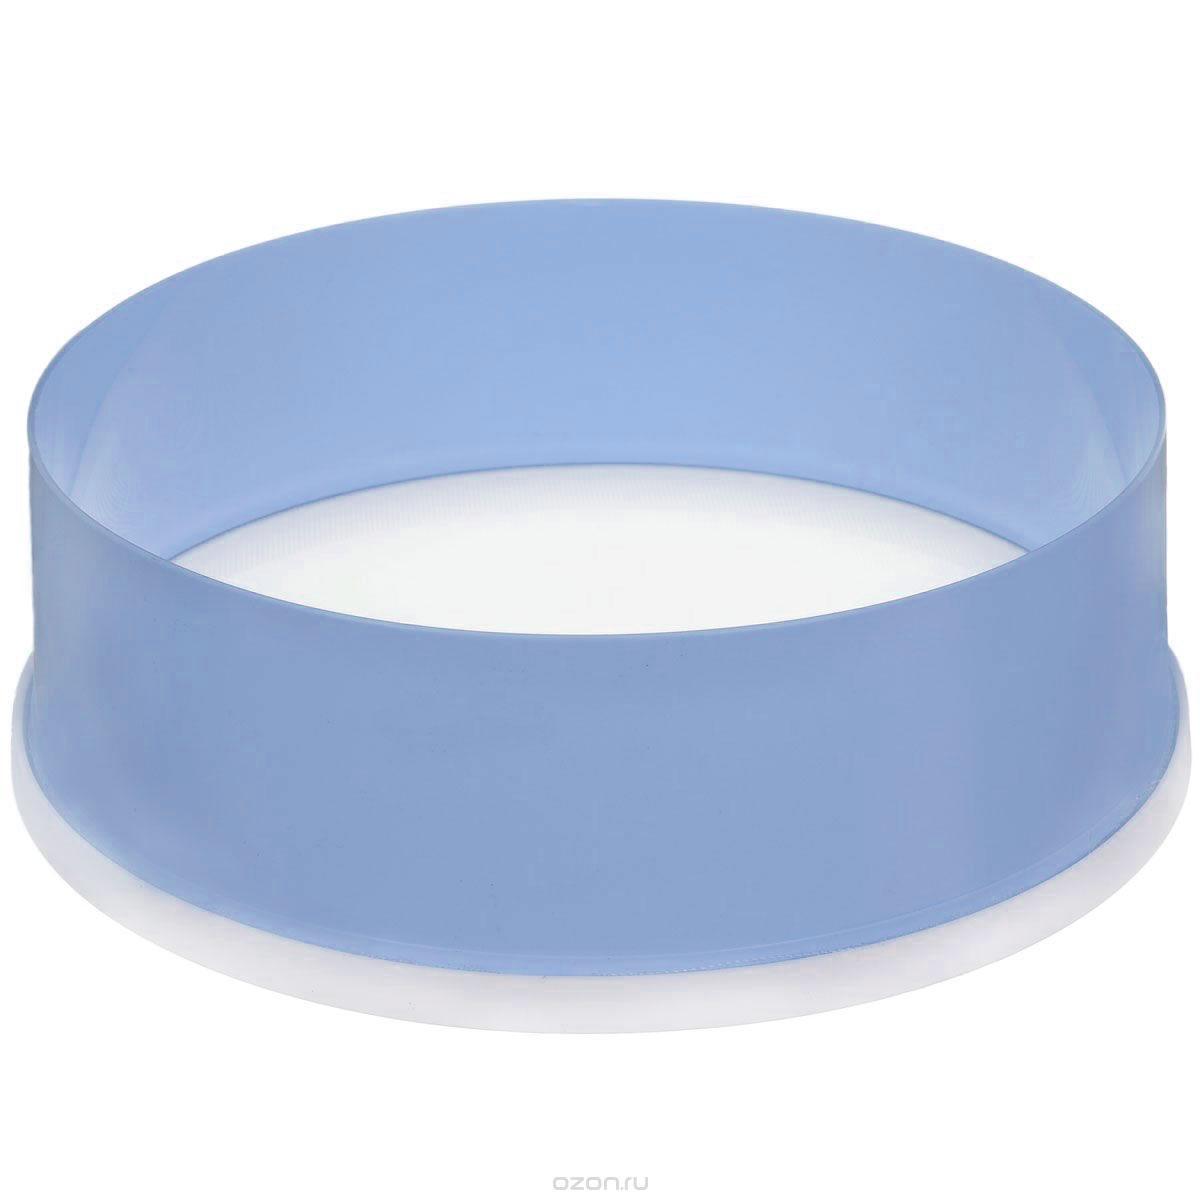 Сито Альтернатива, цвет: голубой, белый, диаметр 22 смM071Сито Альтернатива выполнено из высококачественного пластика. Сито предназначено для просеивания муки, процеживания и промывания продуктов. Прочная сетка и корпус обеспечивают изделию износостойкость и долговечность.Такое сито станет достойным дополнением к кухонному инвентарю.Диаметр: 22 см.Высота стенок: 7,5 см.